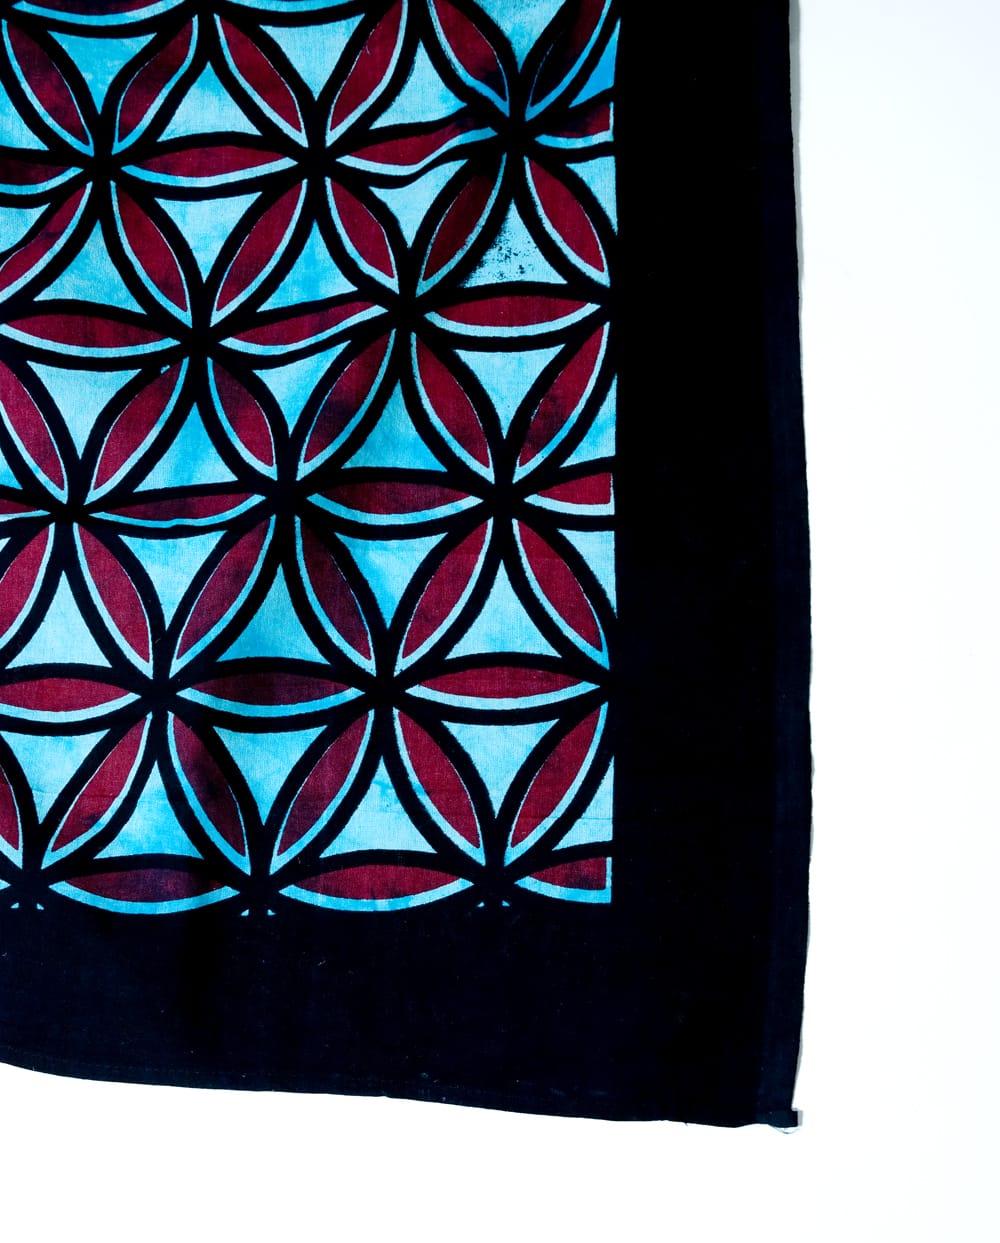 マルチクロス - 生命の花 フラワー・オブ・ライフ【約226cm×約210cm】 3 - 縁部分の写真です